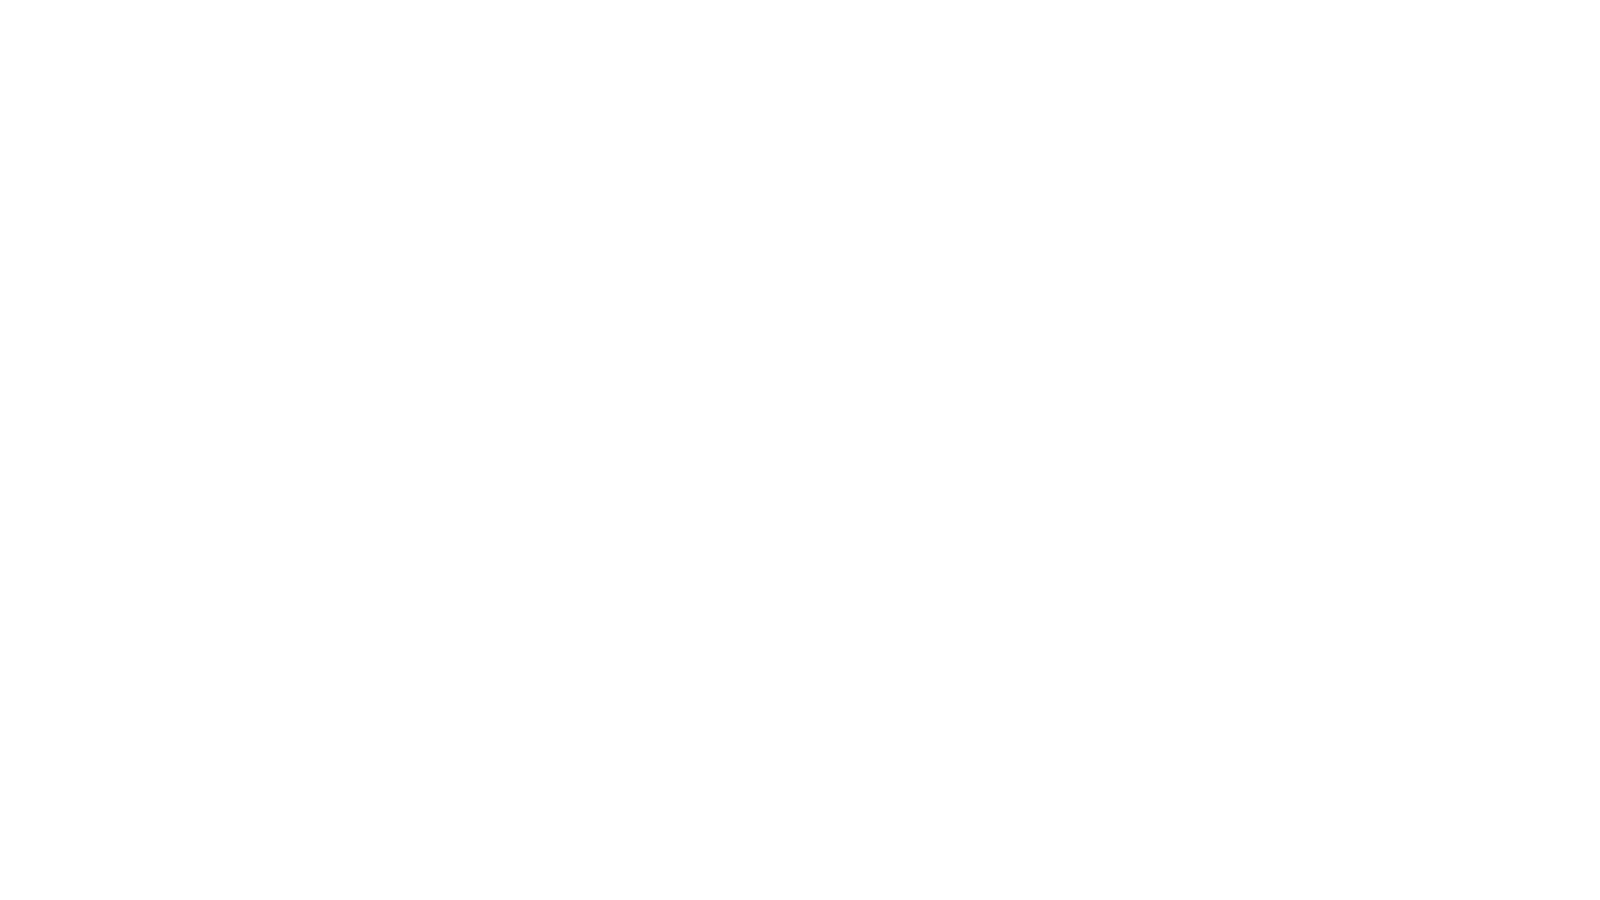 PEACE MAKER × TO THE LIGHT  PEACE MAKER × TO THE LIGHT es un proyecto que se ha estado trabajando entre las dos compañías desde el año 2019, con la idea de traer inicialmente y de manera presencial a Colombia la academia Sur Coreana PEACE MAKER. Se tenia planeado que PEACE MAKER llegaría a Colombia a mediados de 2020, pero debido a la pandemia del COVID-19 no pudo ser posible y se ha decidido dar inicio a dicho proyecto de manera On-line para Colombia, Latinoamérica y España.  PEACE MAKER cuenta con un equipo de coreógrafos, instructores y bailarines profesionales, quienes han trabajado con la mayoría de IDOLS del KPOP.  PEACE MAKER y TO THE LIGHT quieren darle la oportunidad a aquellas personas que deseen formarse como bailarines profesionales de KPOP y aquellos que han soñado con ser parte de el grupo de bailarines de sus IDOLS.  MATRICULATE YA EN: https://peacemakeracademy.tothelightentertainment.com/  ESCRIBENOS A NUESTRO WHATSAP: https://web.whatsapp.com/send?phone=573154478033&text=  ACERCA DE PEACEMAKER:  PEACE MAKER es una compañía dedicada a la realización de diversas actividades artísticas a través de la danza, es un lugar en donde puedes aprender FREE STYLE.  PEACE MAKER fue fundada por Kwak Seongchan en el año 2017 en la ciudad de Seúl, Corea del Sur. Cuenta con coreógrafos, instructores y bailarines profesionales, quienes han trabajado con actores, comediantes, empresas de entretenimiento y artistas de K-POP como (BTS, BLACK PINK,TWICE, GOT7),etc…  El nombre PEACE MAKER surgió cuando Seongchan participó con un equipo de proyecto en el importante concurso llamado «Feedback» y el concepto de la presentación era llamado «WAR AND PEACE», así que en ese momento el nombró a su equipo «PEACE MAKER», más adelante continúo usando este nombre hasta el día de hoy que significa «permitirnos a todos encontrar Paz a través de la danza».  SÍGUENOS EN NUESTRAS REDES SOCIALES: INSTAGRAM: https://www.instagram.com/tothelighte... FACEBOOK: https://www.facebook.com/totheli